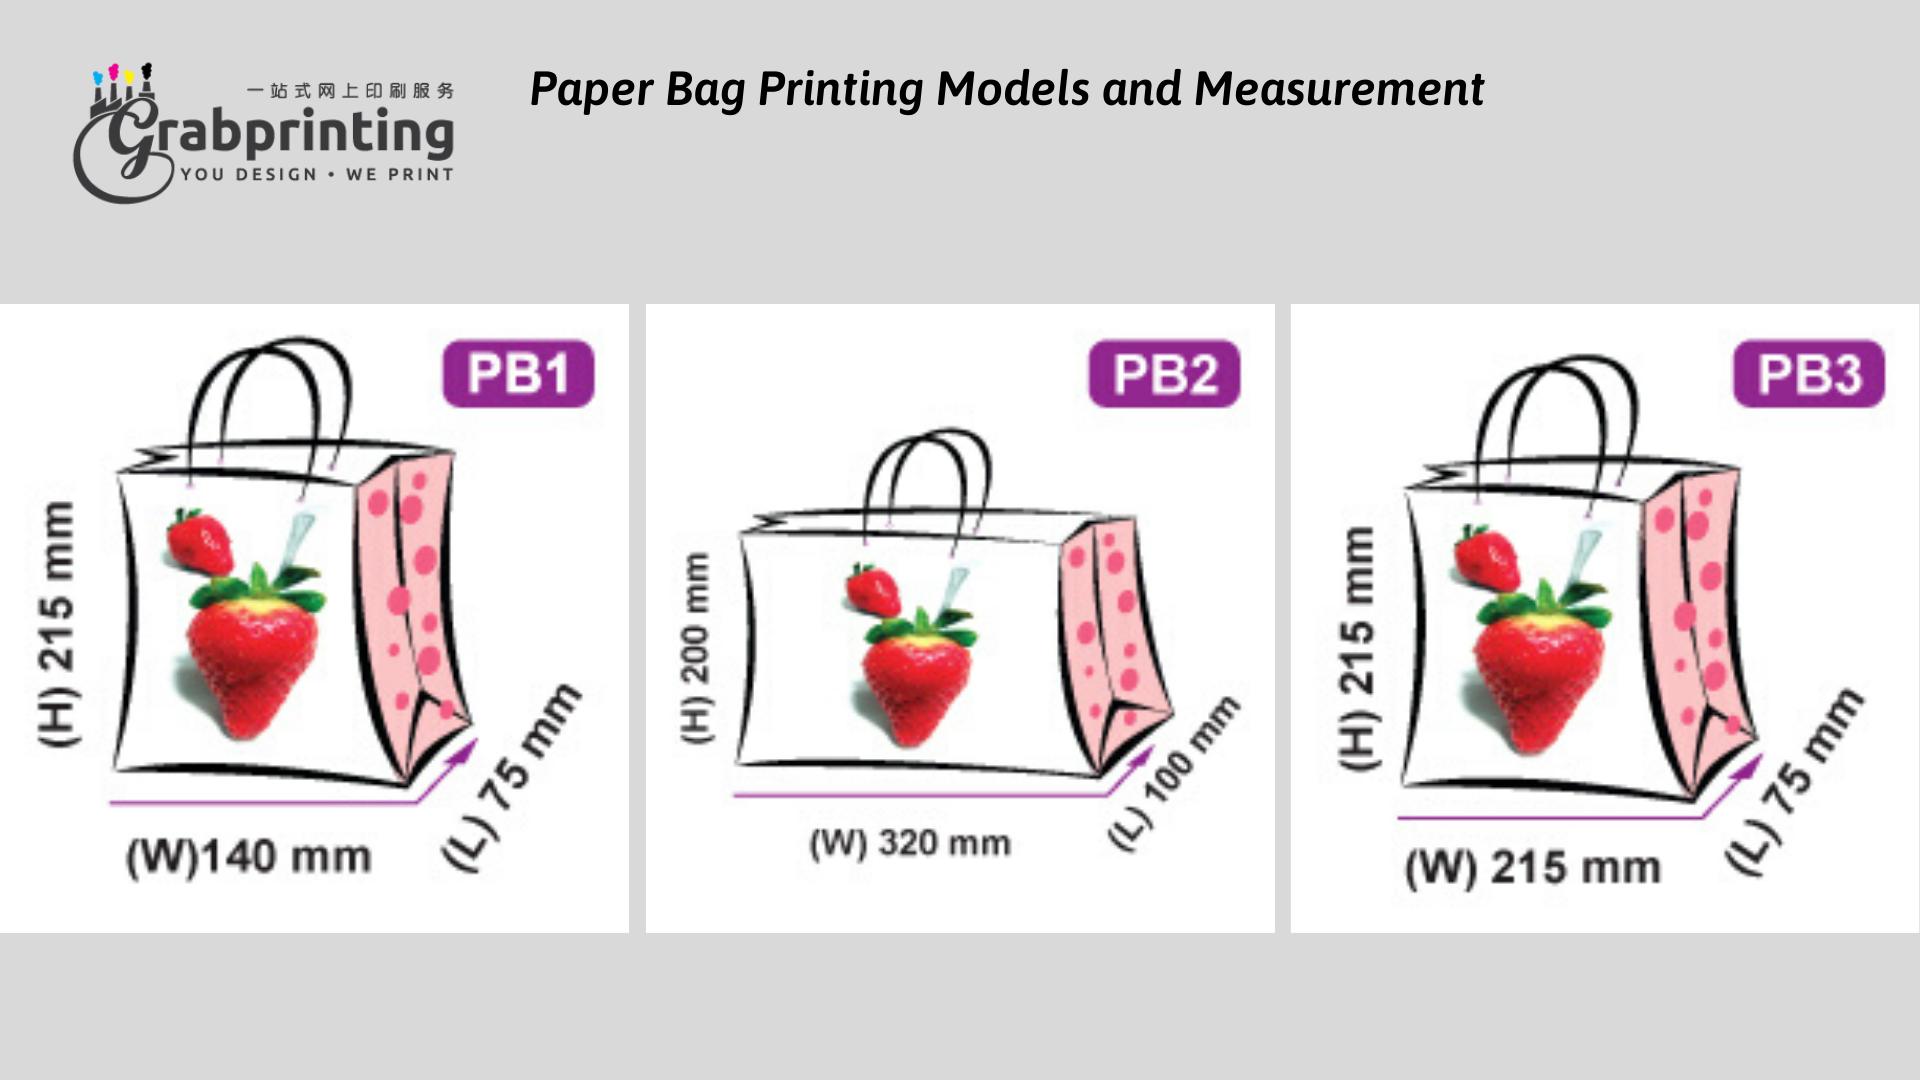 Kraft Paper Bag Printing Paper Bag Printing Models and Measurement